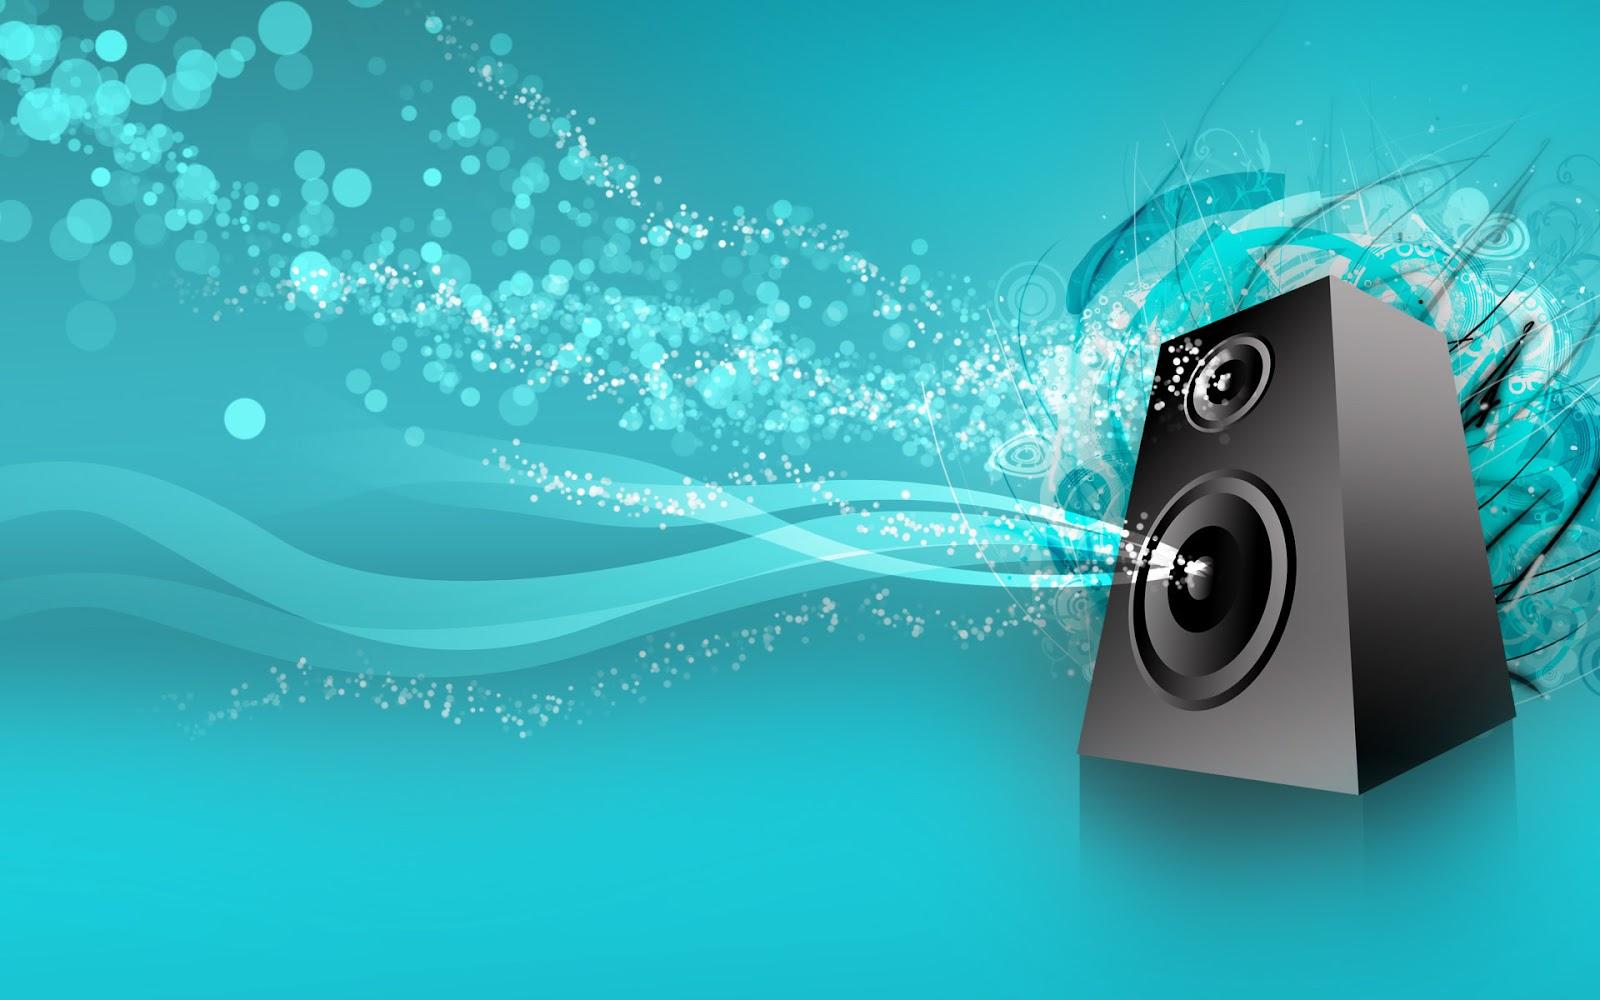 http://4.bp.blogspot.com/-o5BBiZP4iTE/Ttp8qF7s5_I/AAAAAAAAA4c/DPY-14XmFR0/s1600/3448-digital_art_woofer_wallpaper.jpg